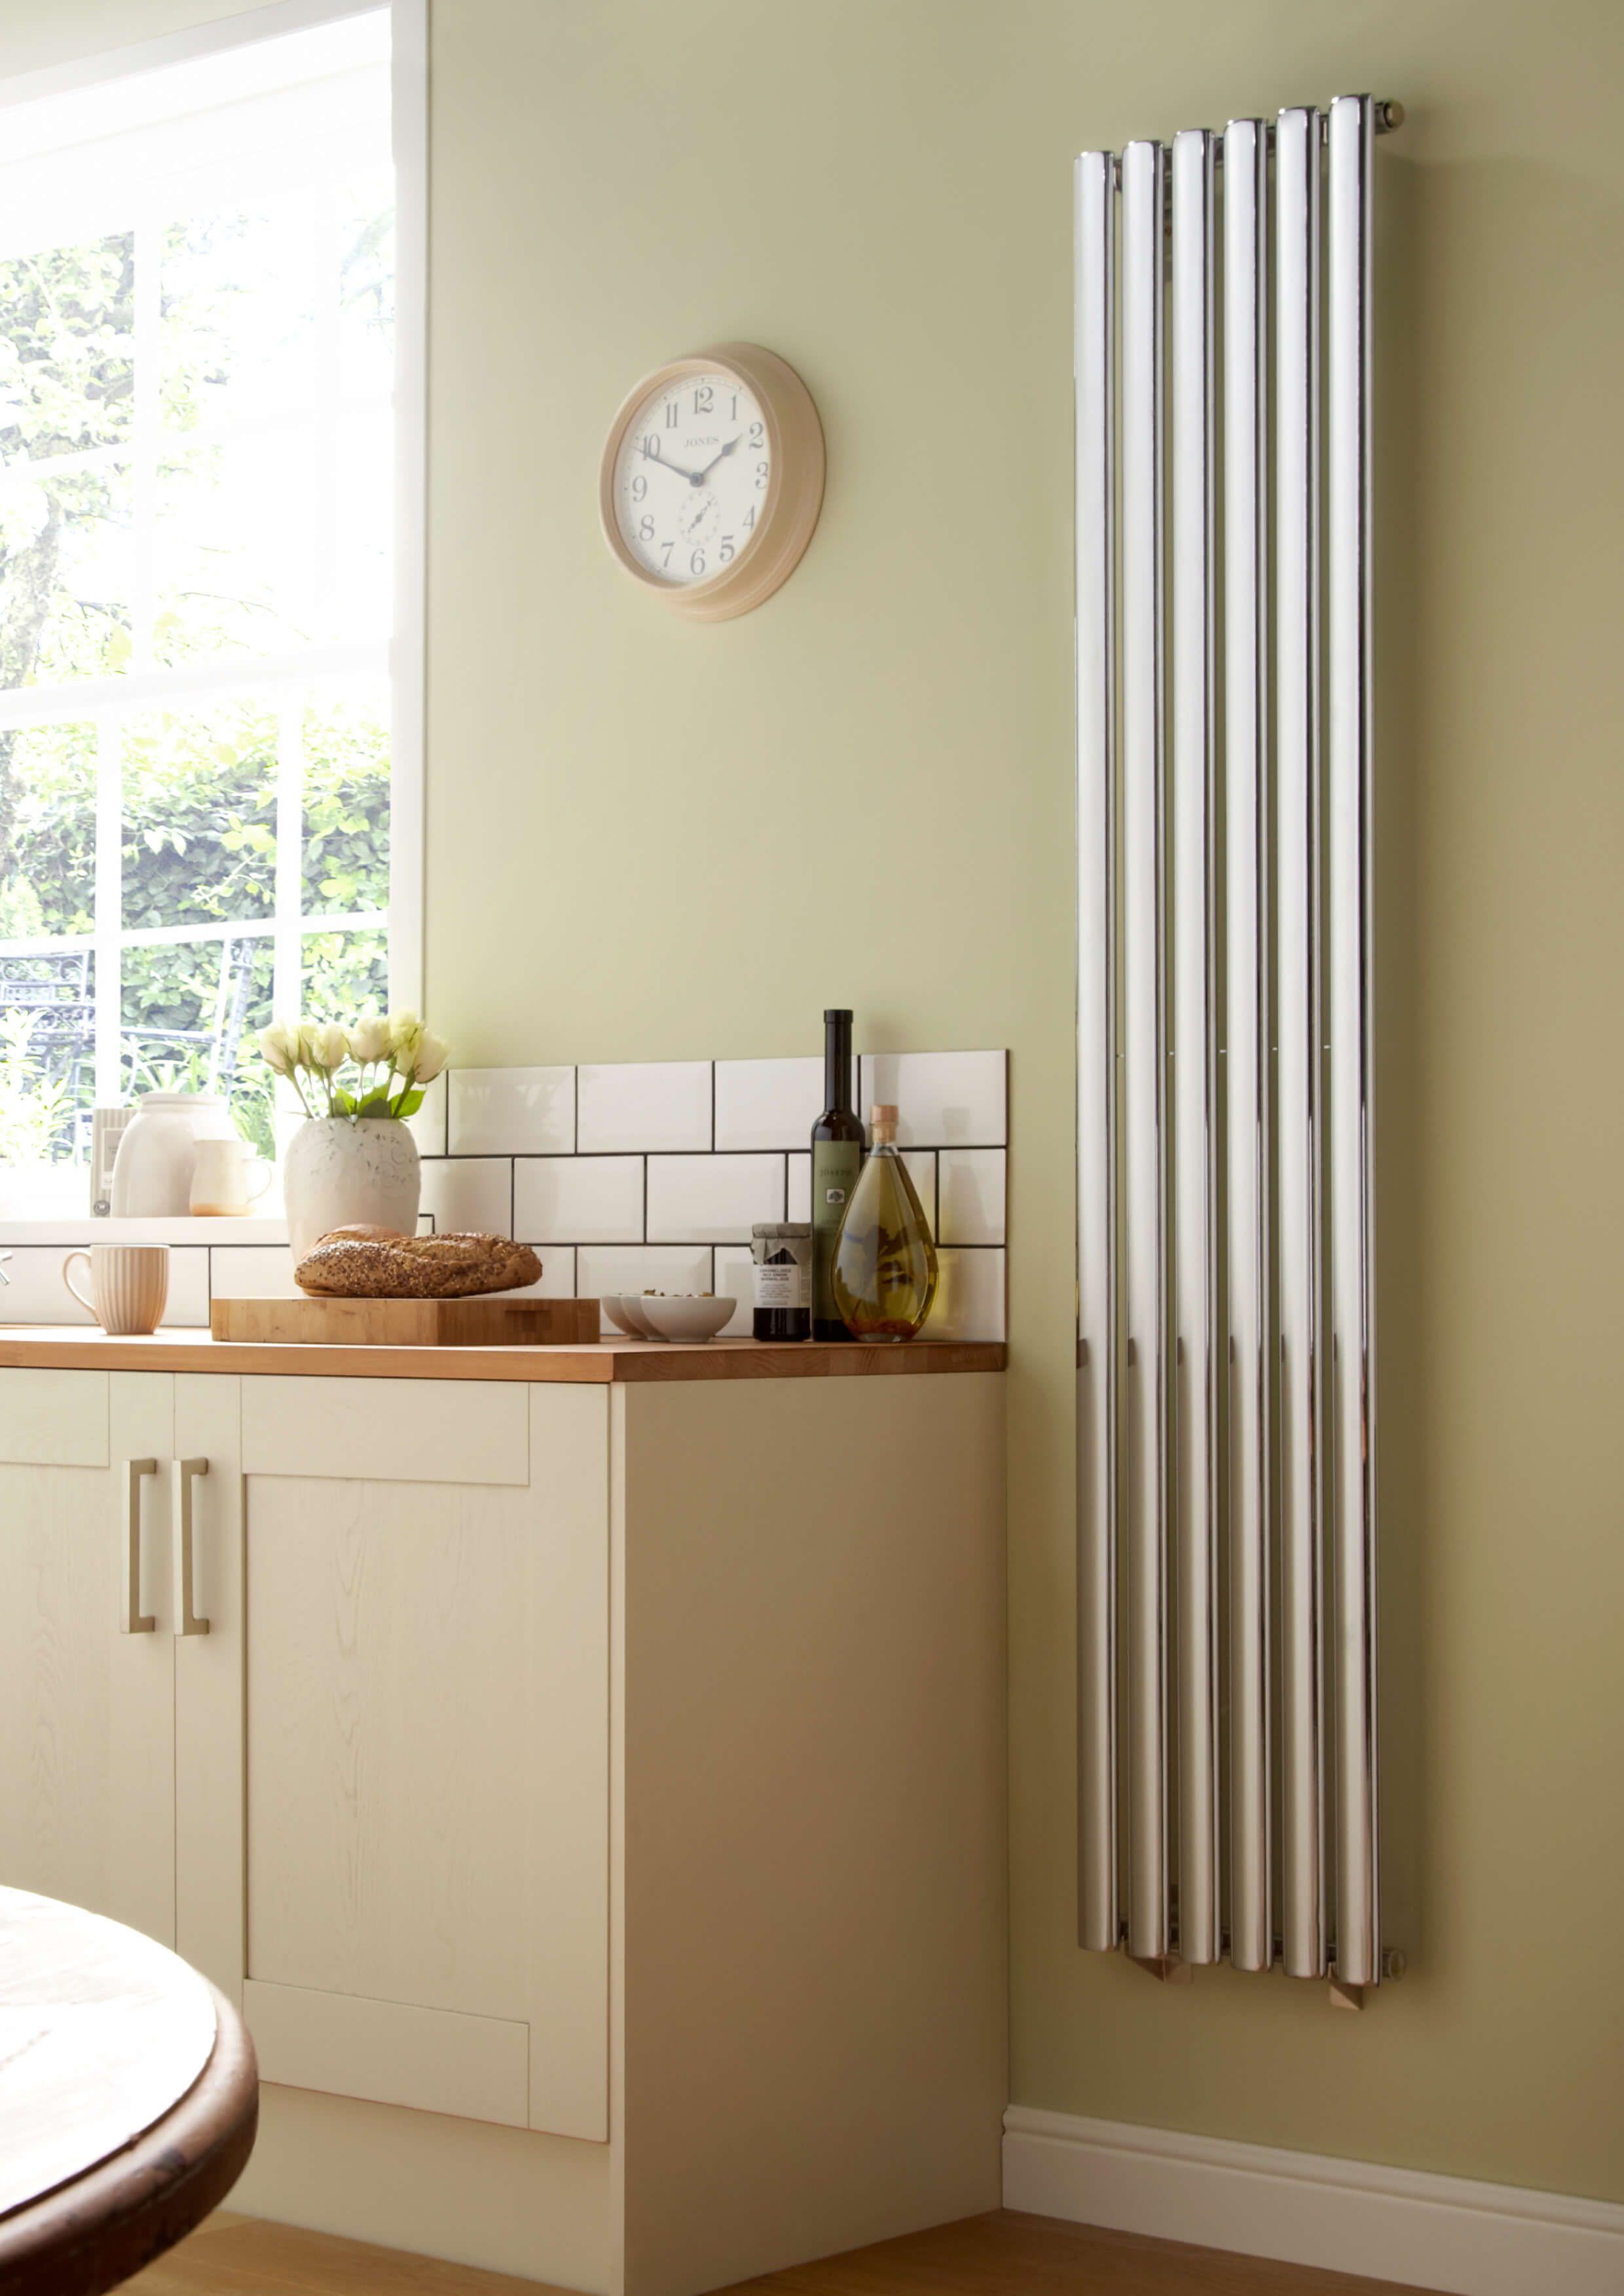 The Designer Radiator Company  Towelrads Dorney Vertical Chrome